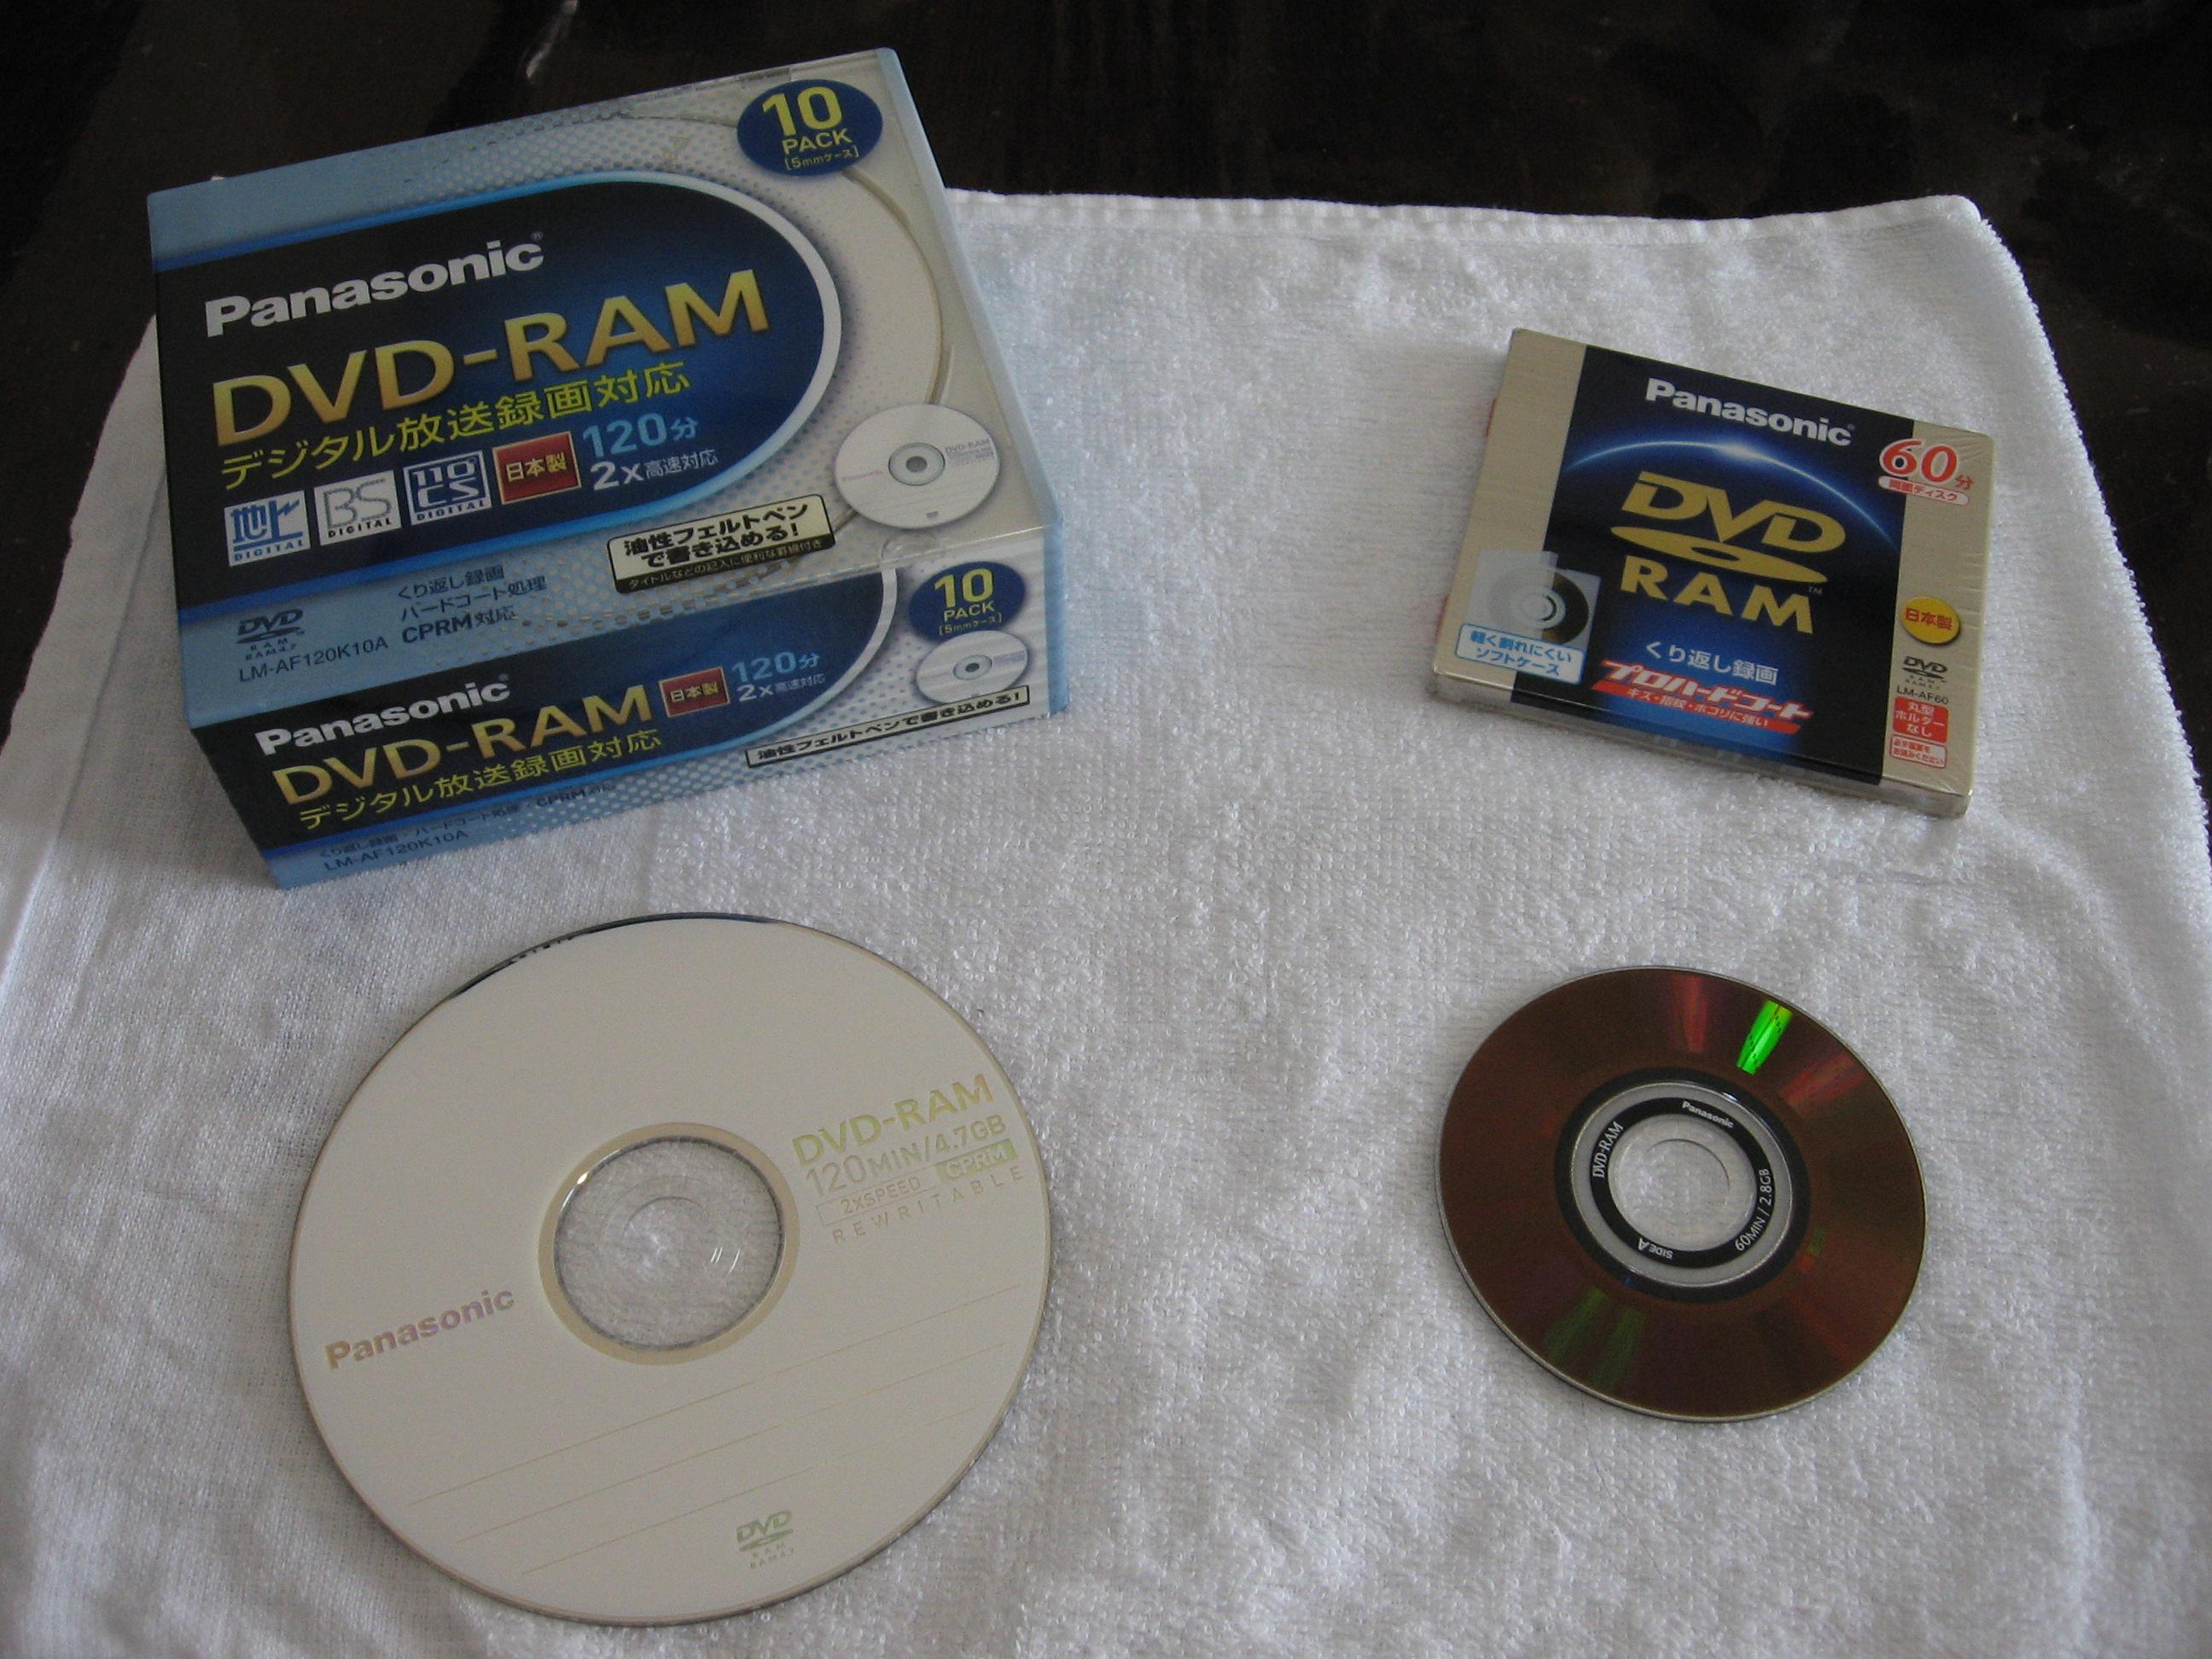 dvd проигрыватель ram: